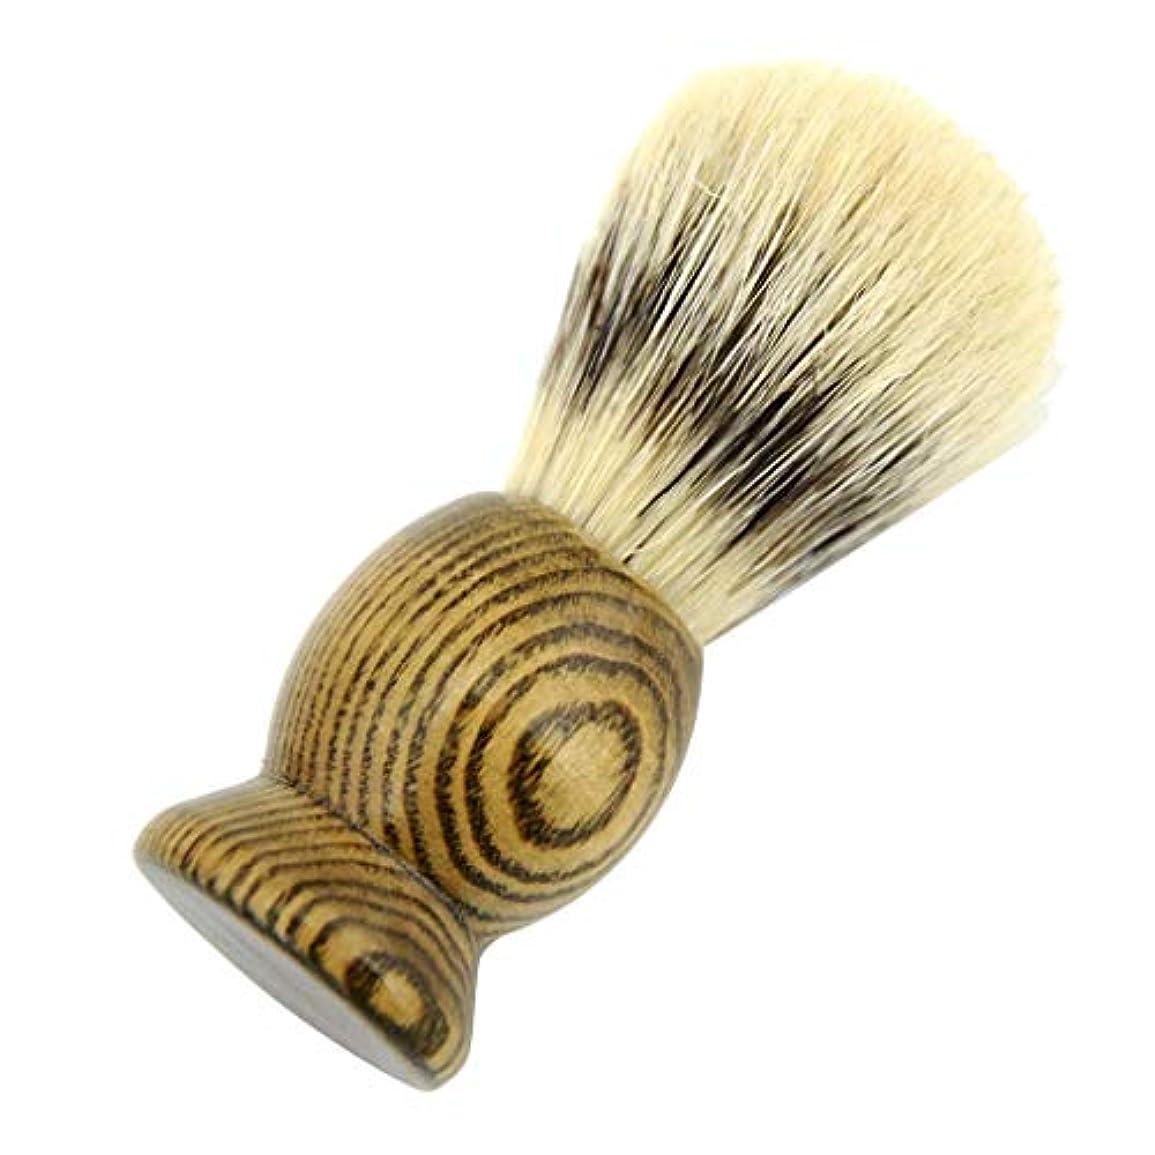 無駄に木材おなかがすいたBaoblaze メンズ シェービング用ブラシ 理容 洗顔 髭剃り 泡立ち サロン 家庭用 シェービング用アクセサリー